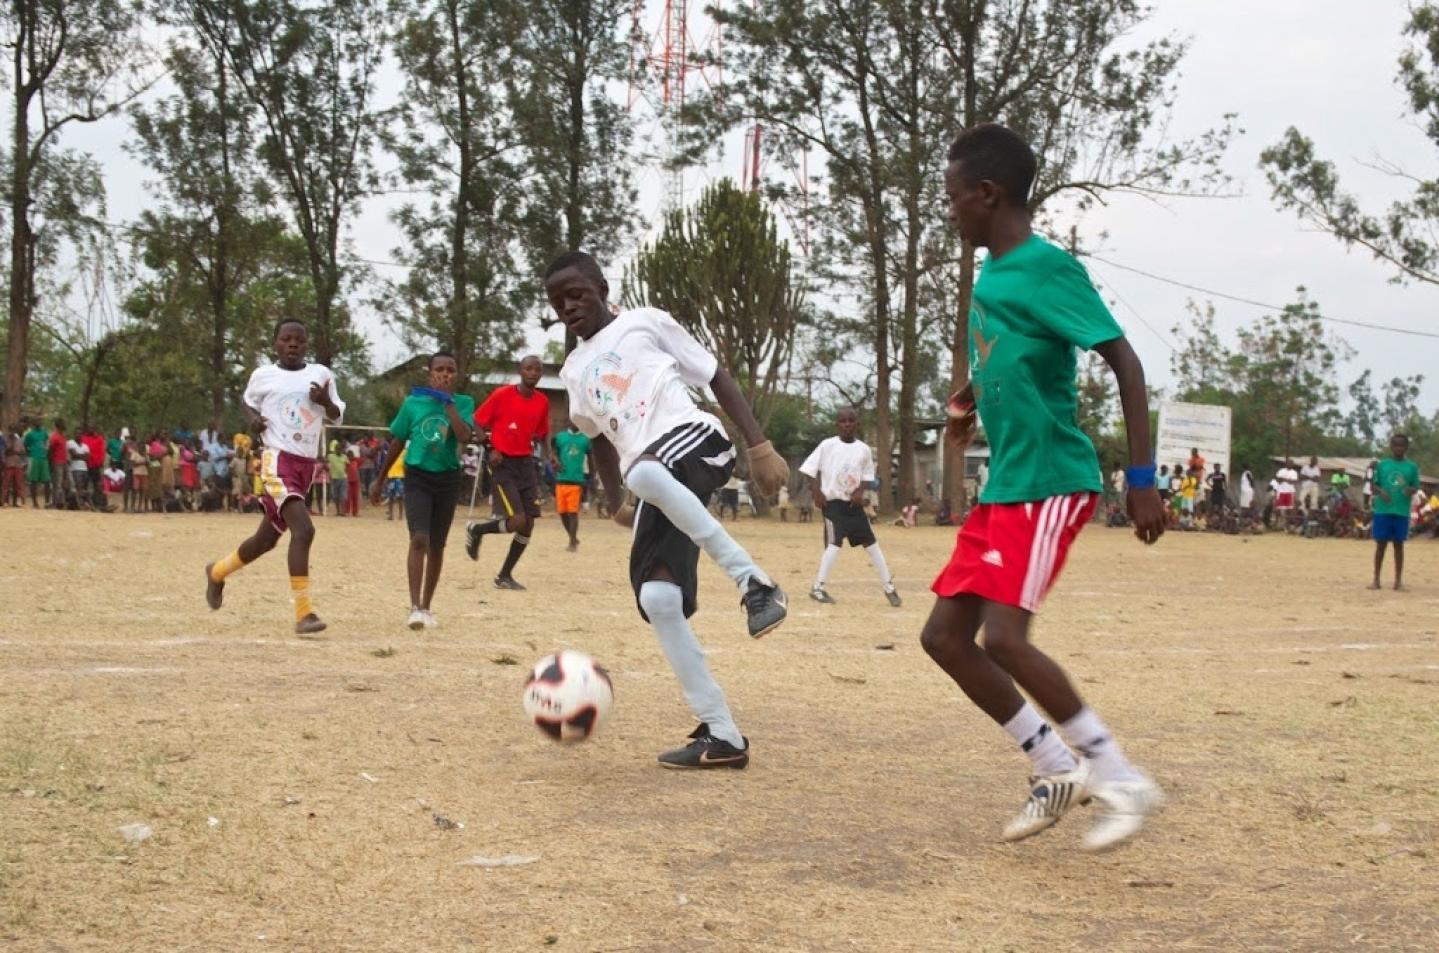 Parmi les projets supportés par Peace and Sport, la sixième édition des Jeux de l'Amitié, qui vient de s'achever au Rwanda.